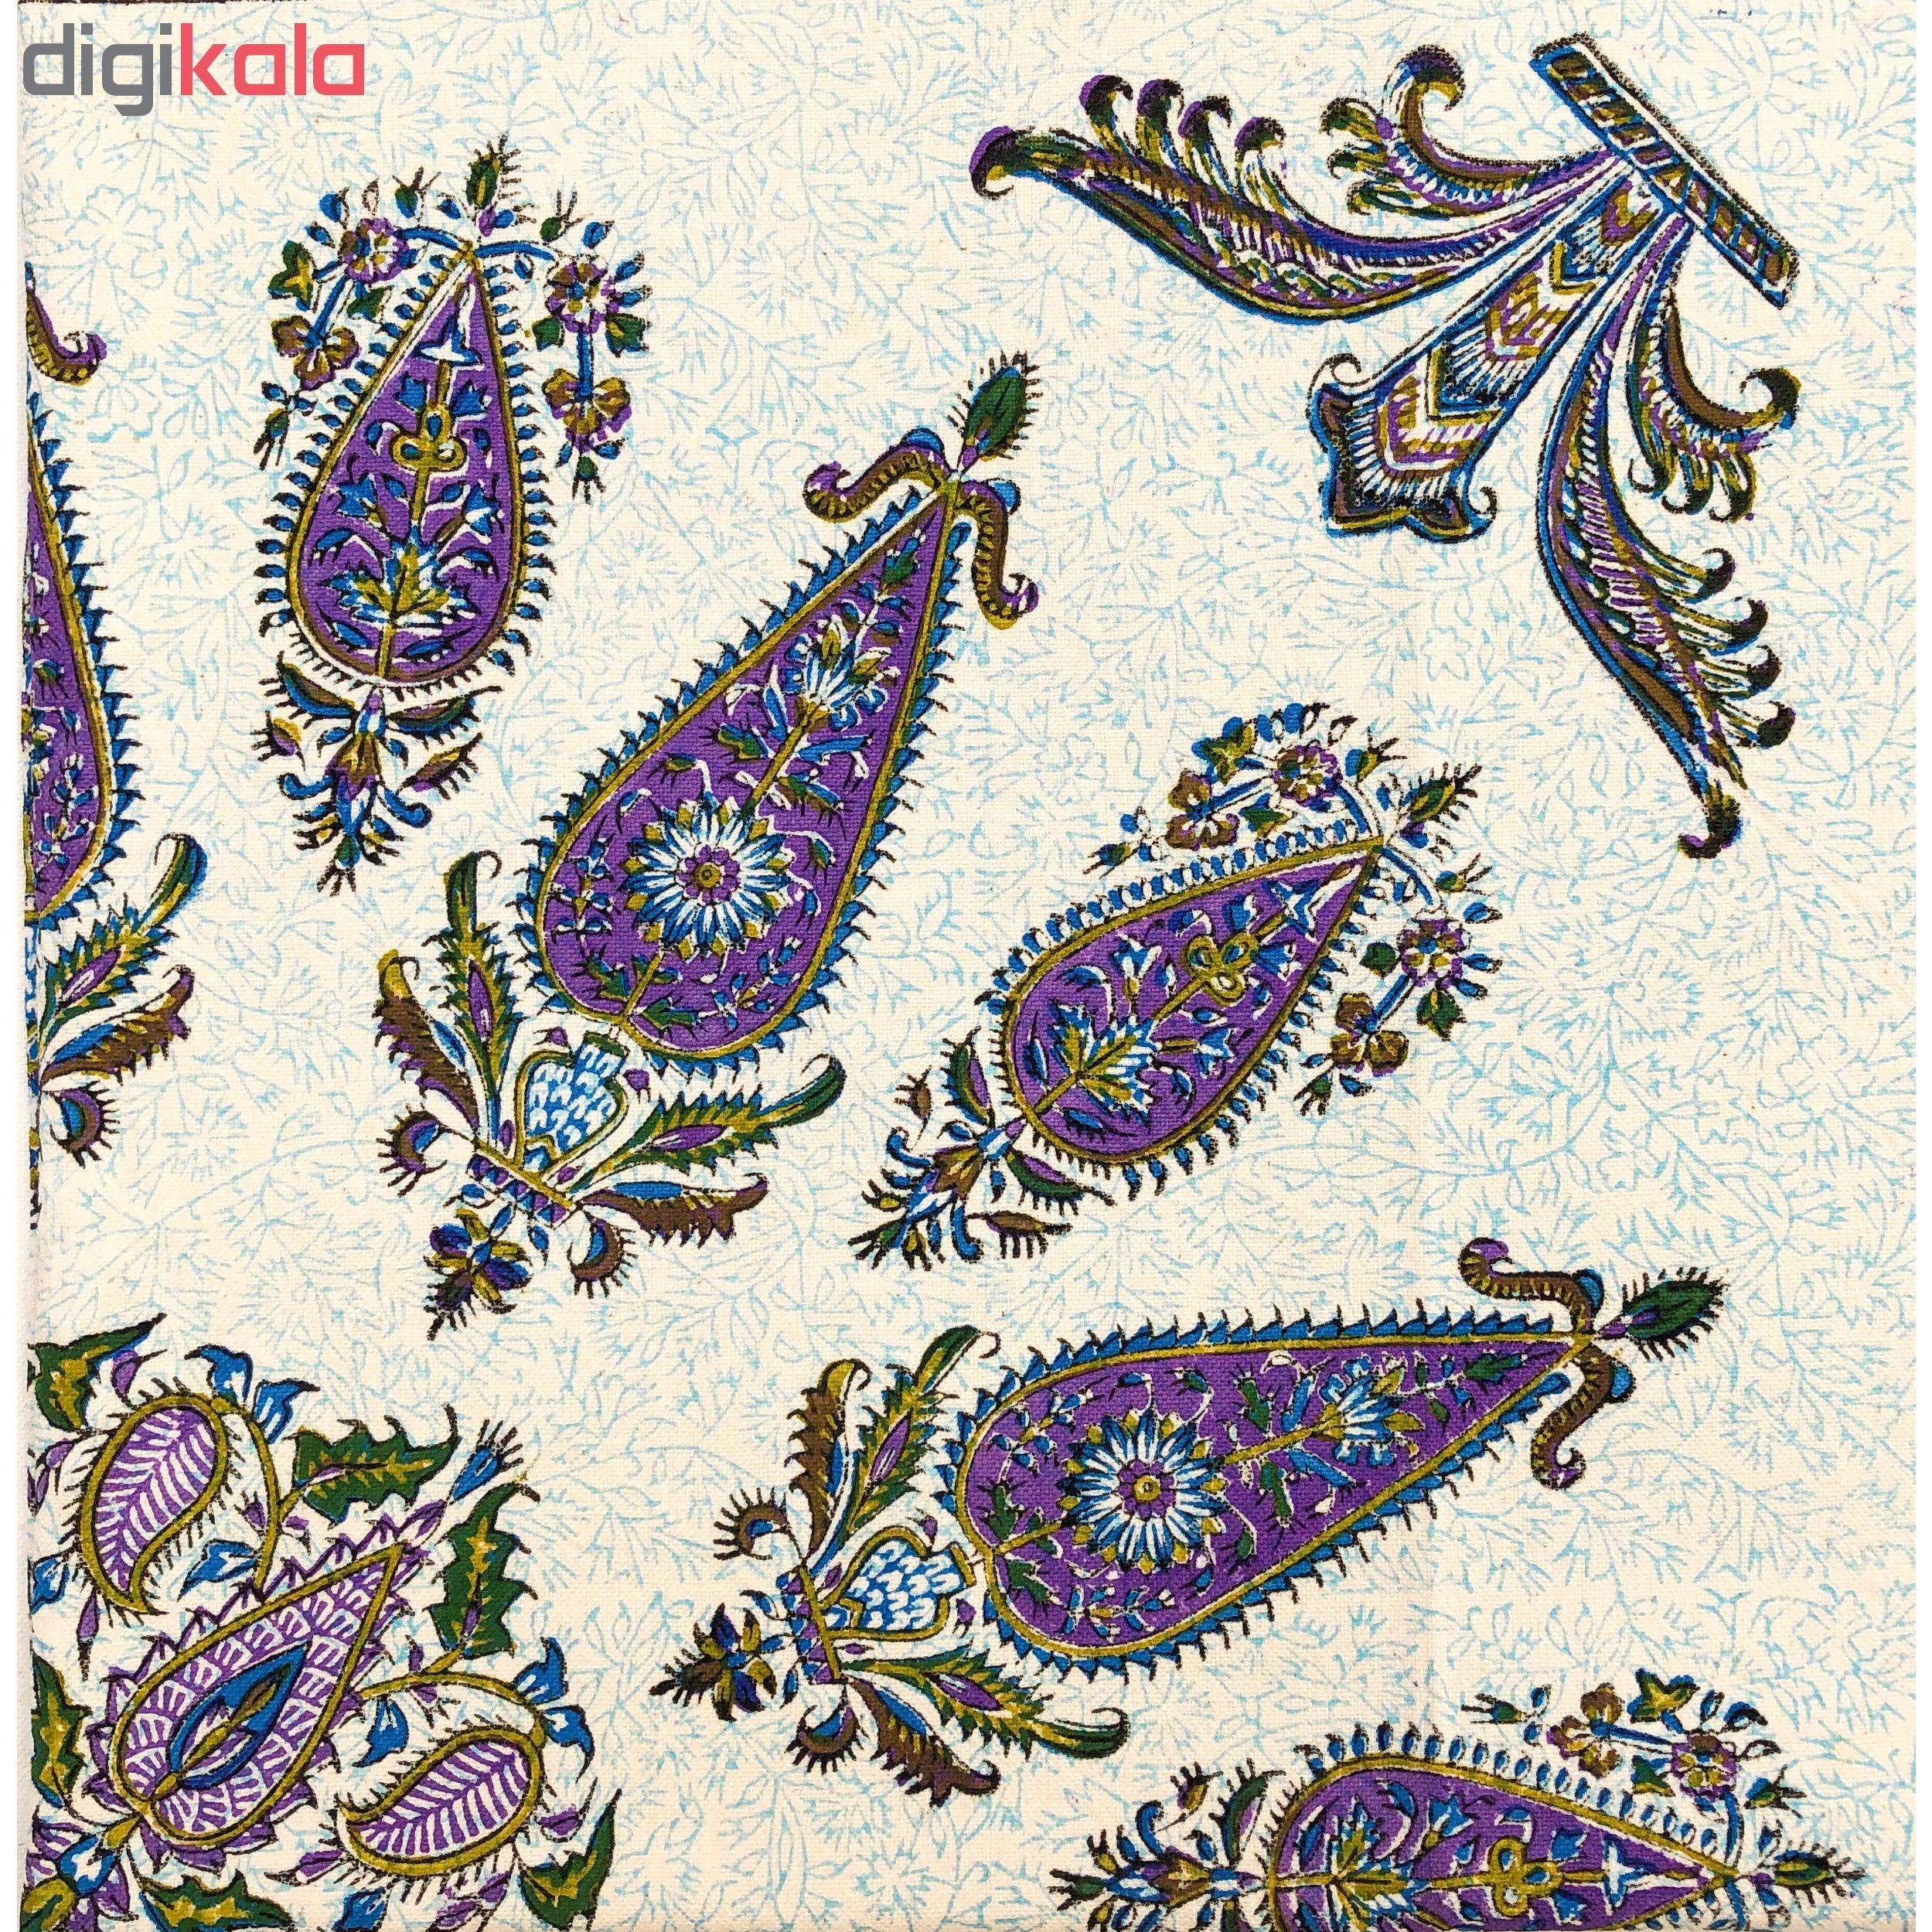 خرید                      رومیزی قلمکار ممتاز اصفهان اثر عطريان طرح ترنج مدلG68 سایز 120*120 سانتیمتر